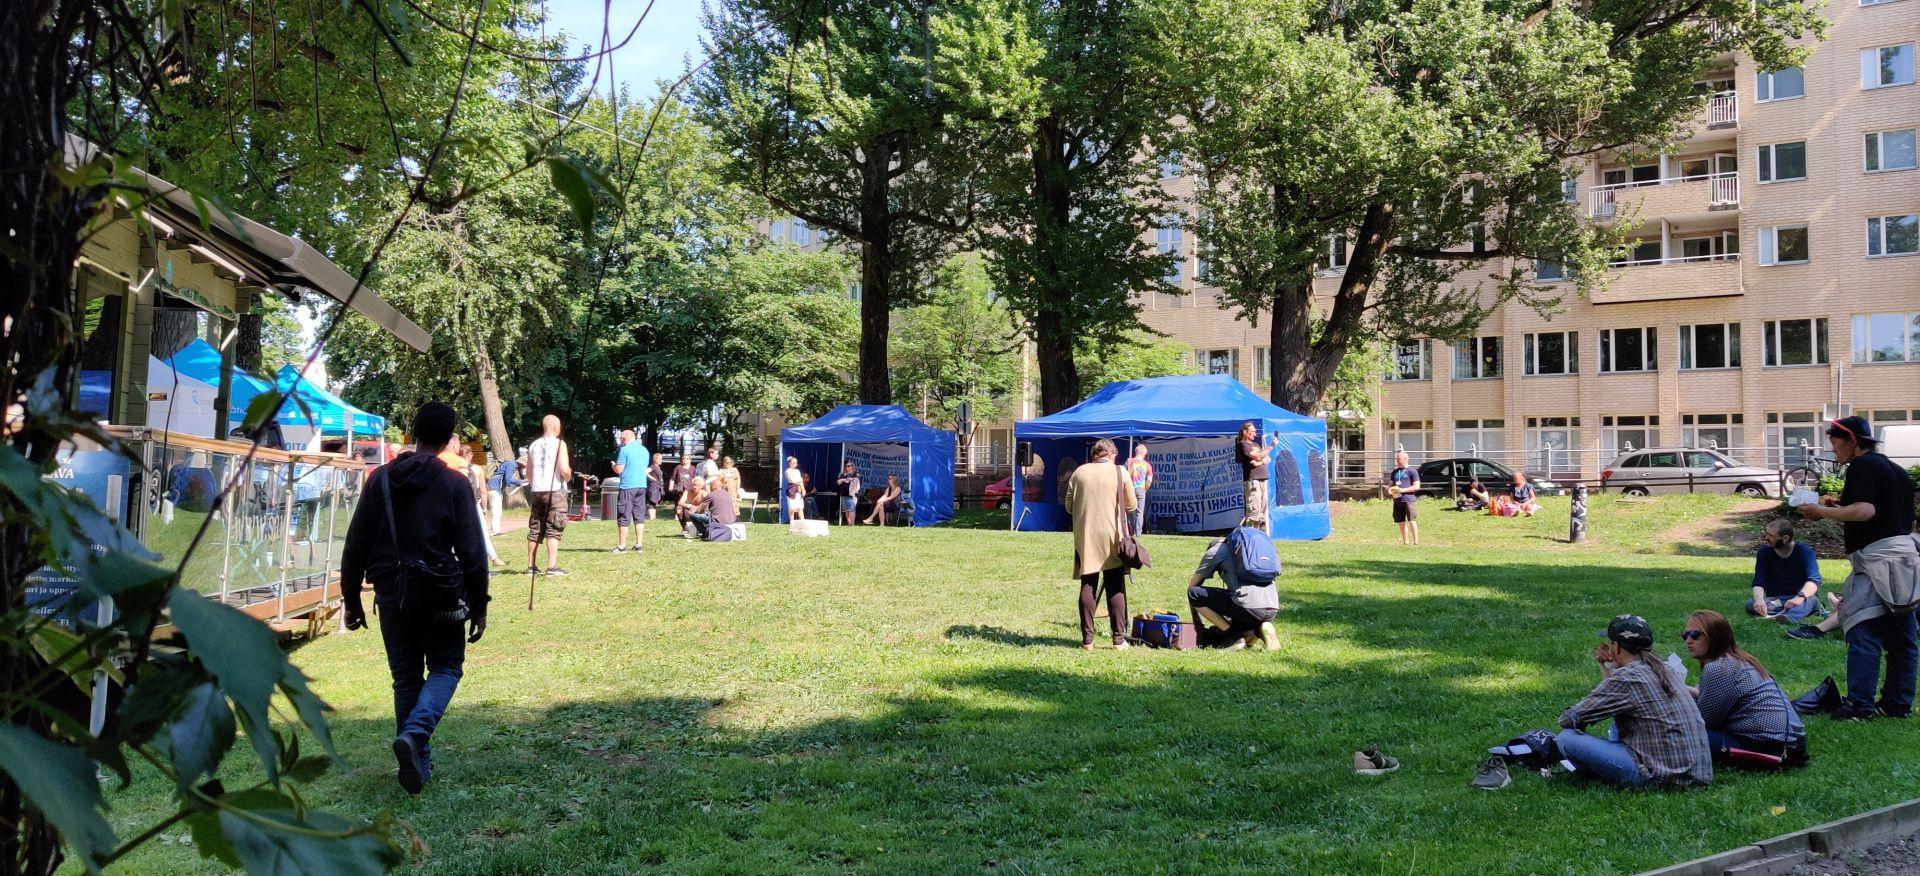 Aurinkoinen puisto, jonka reunoilla on messutelttoja ja nurmikentällä istuu ihmisiä.